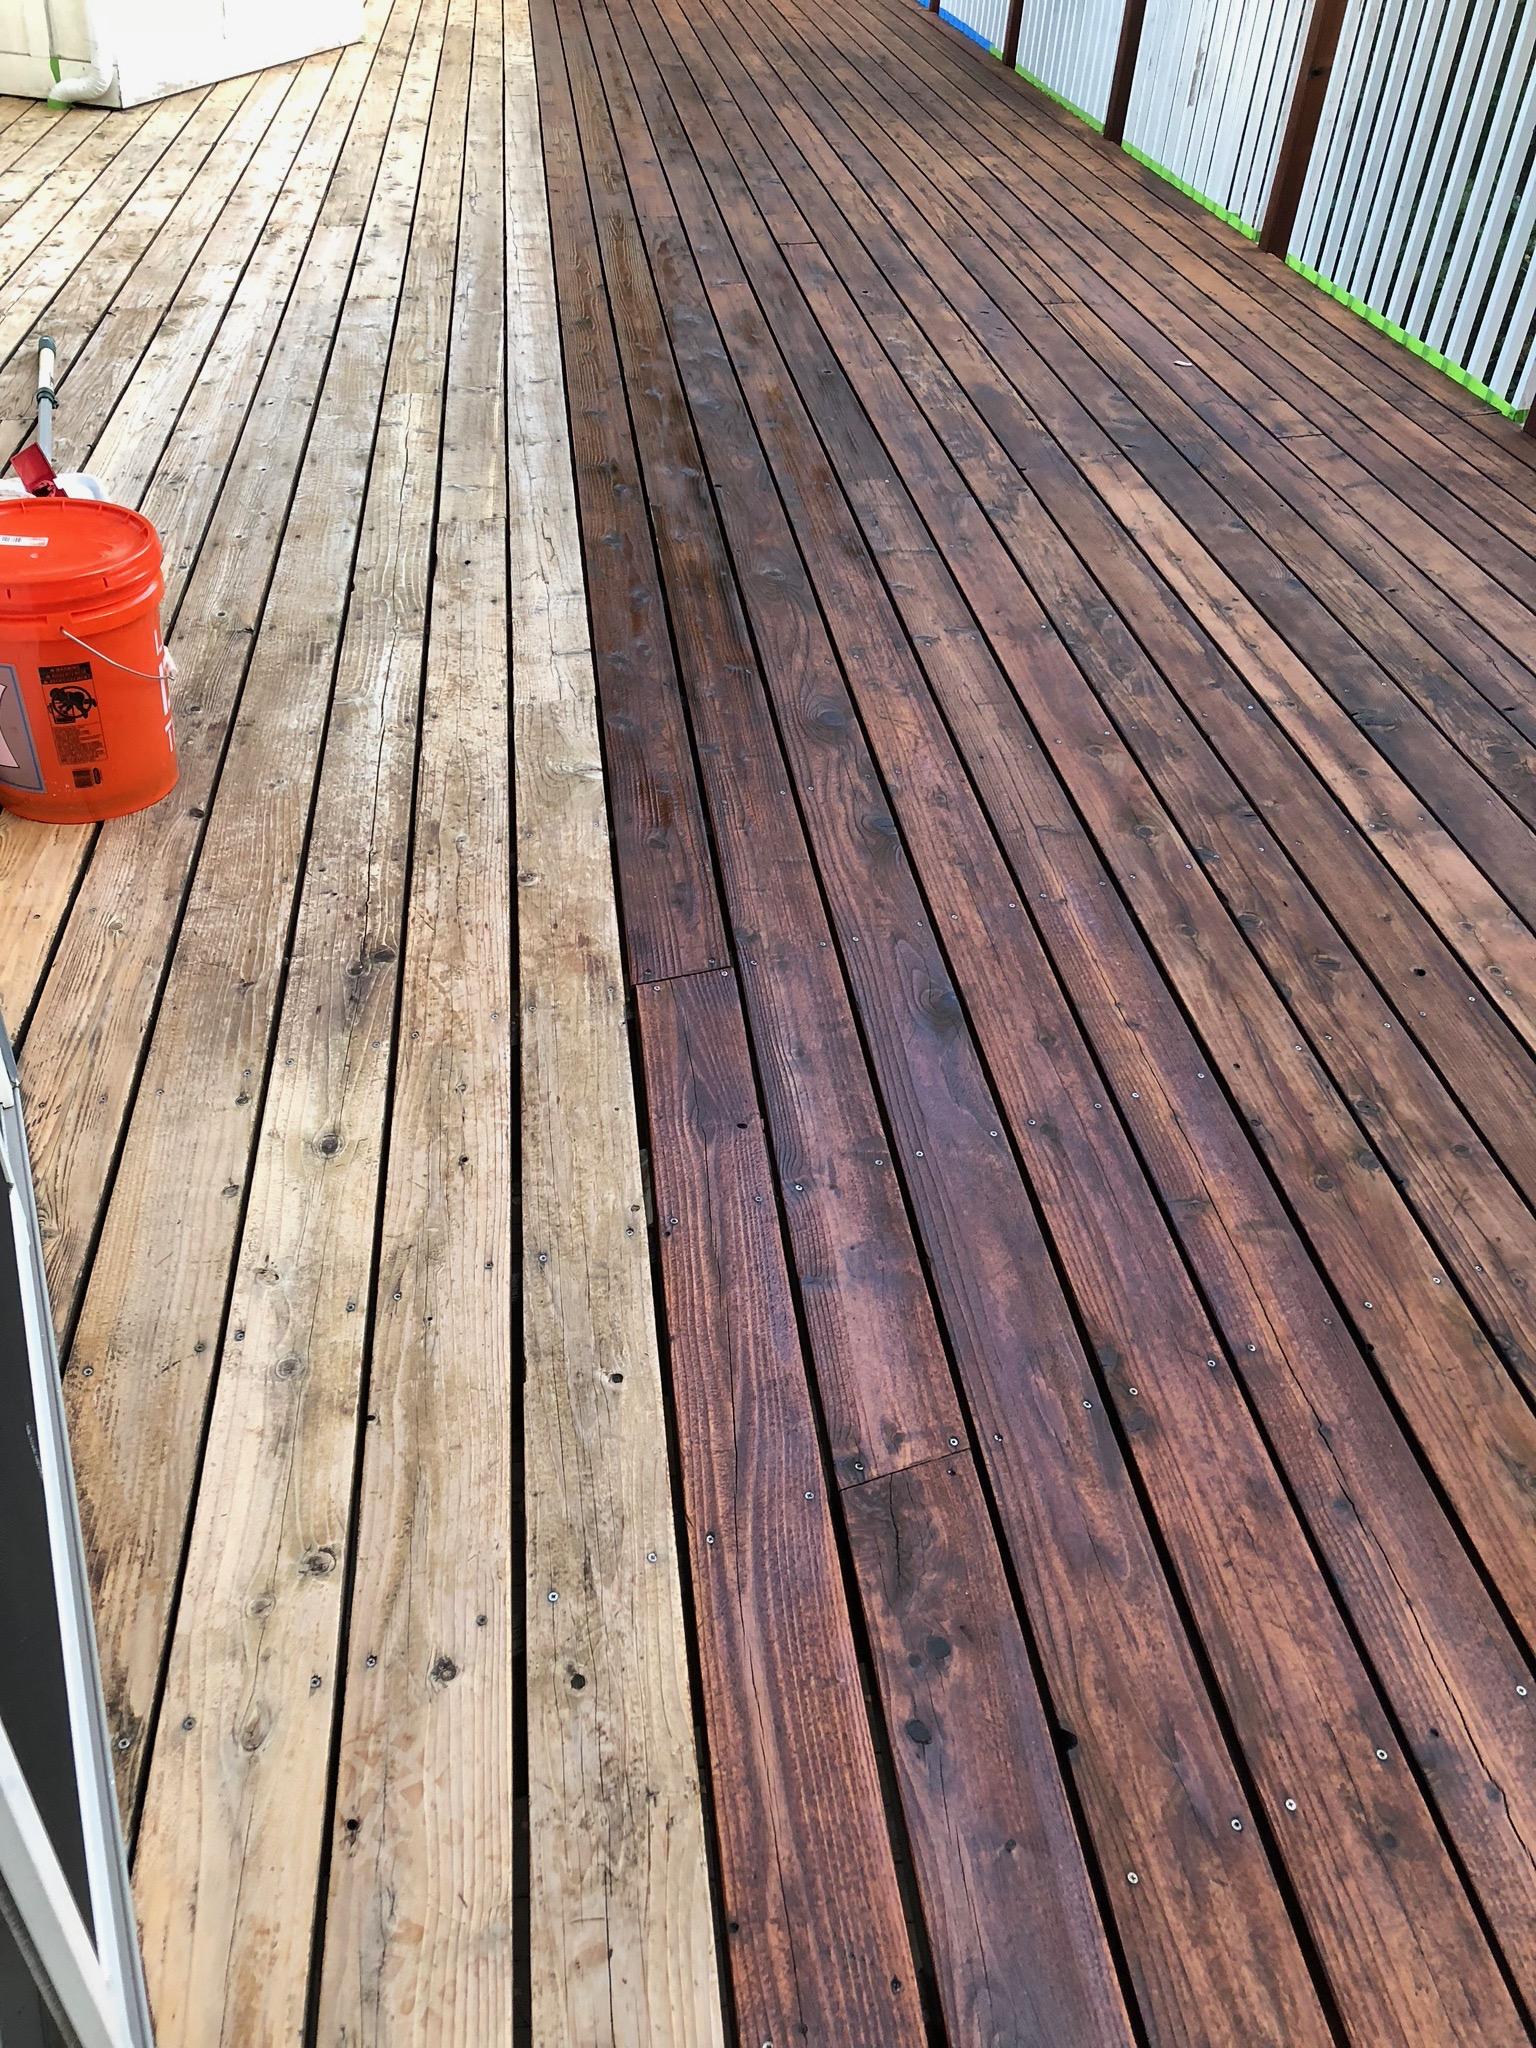 Redwood deck cleaner komelon fiber reel